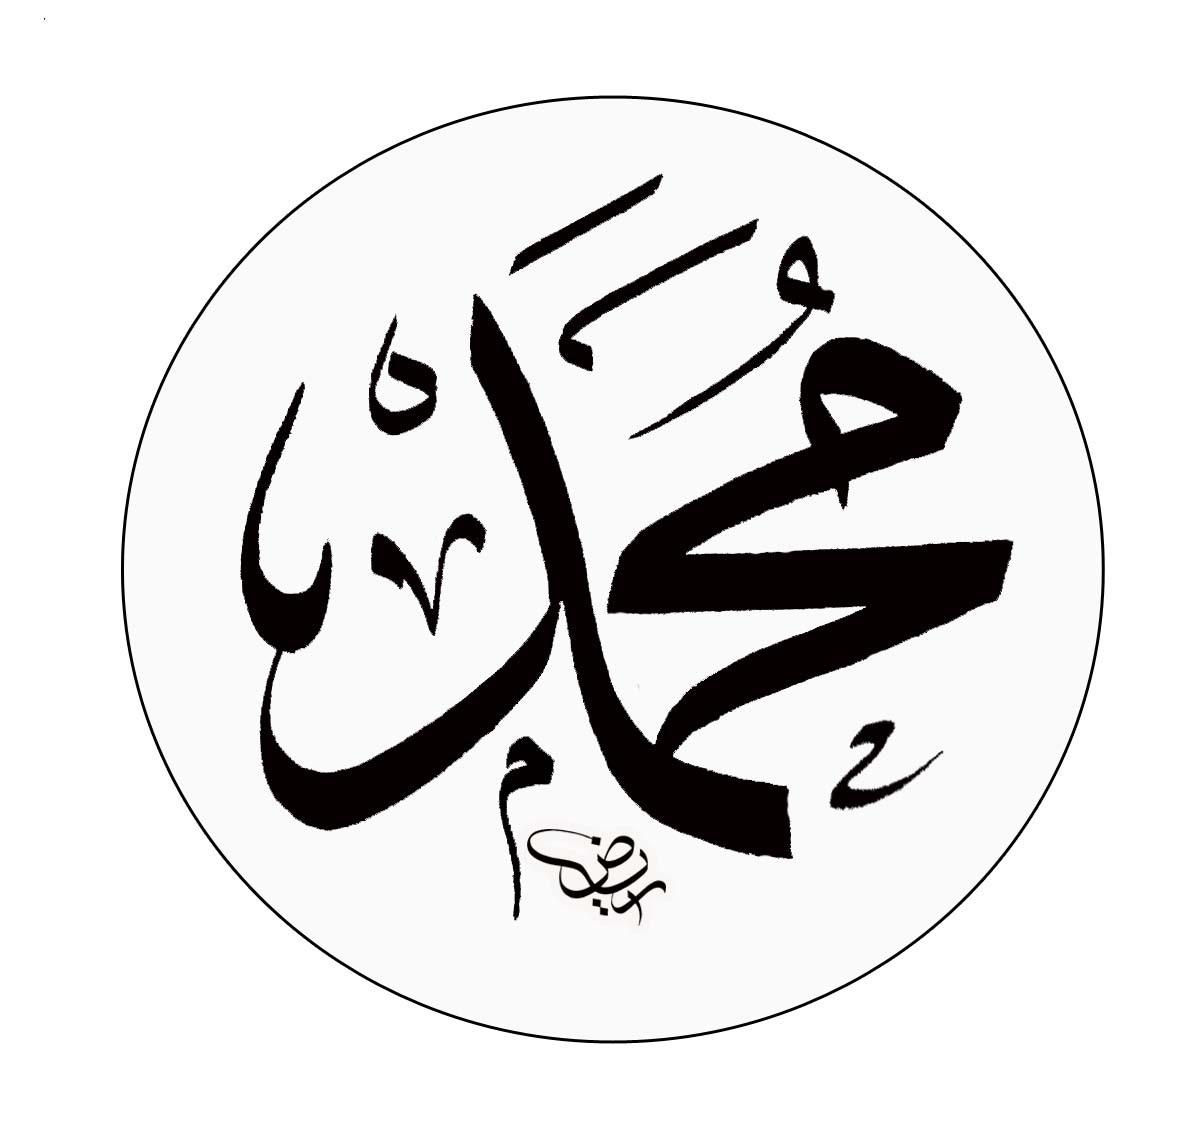 صور اسم محمد مزخرف اسم محمد بالخط العربي (20)